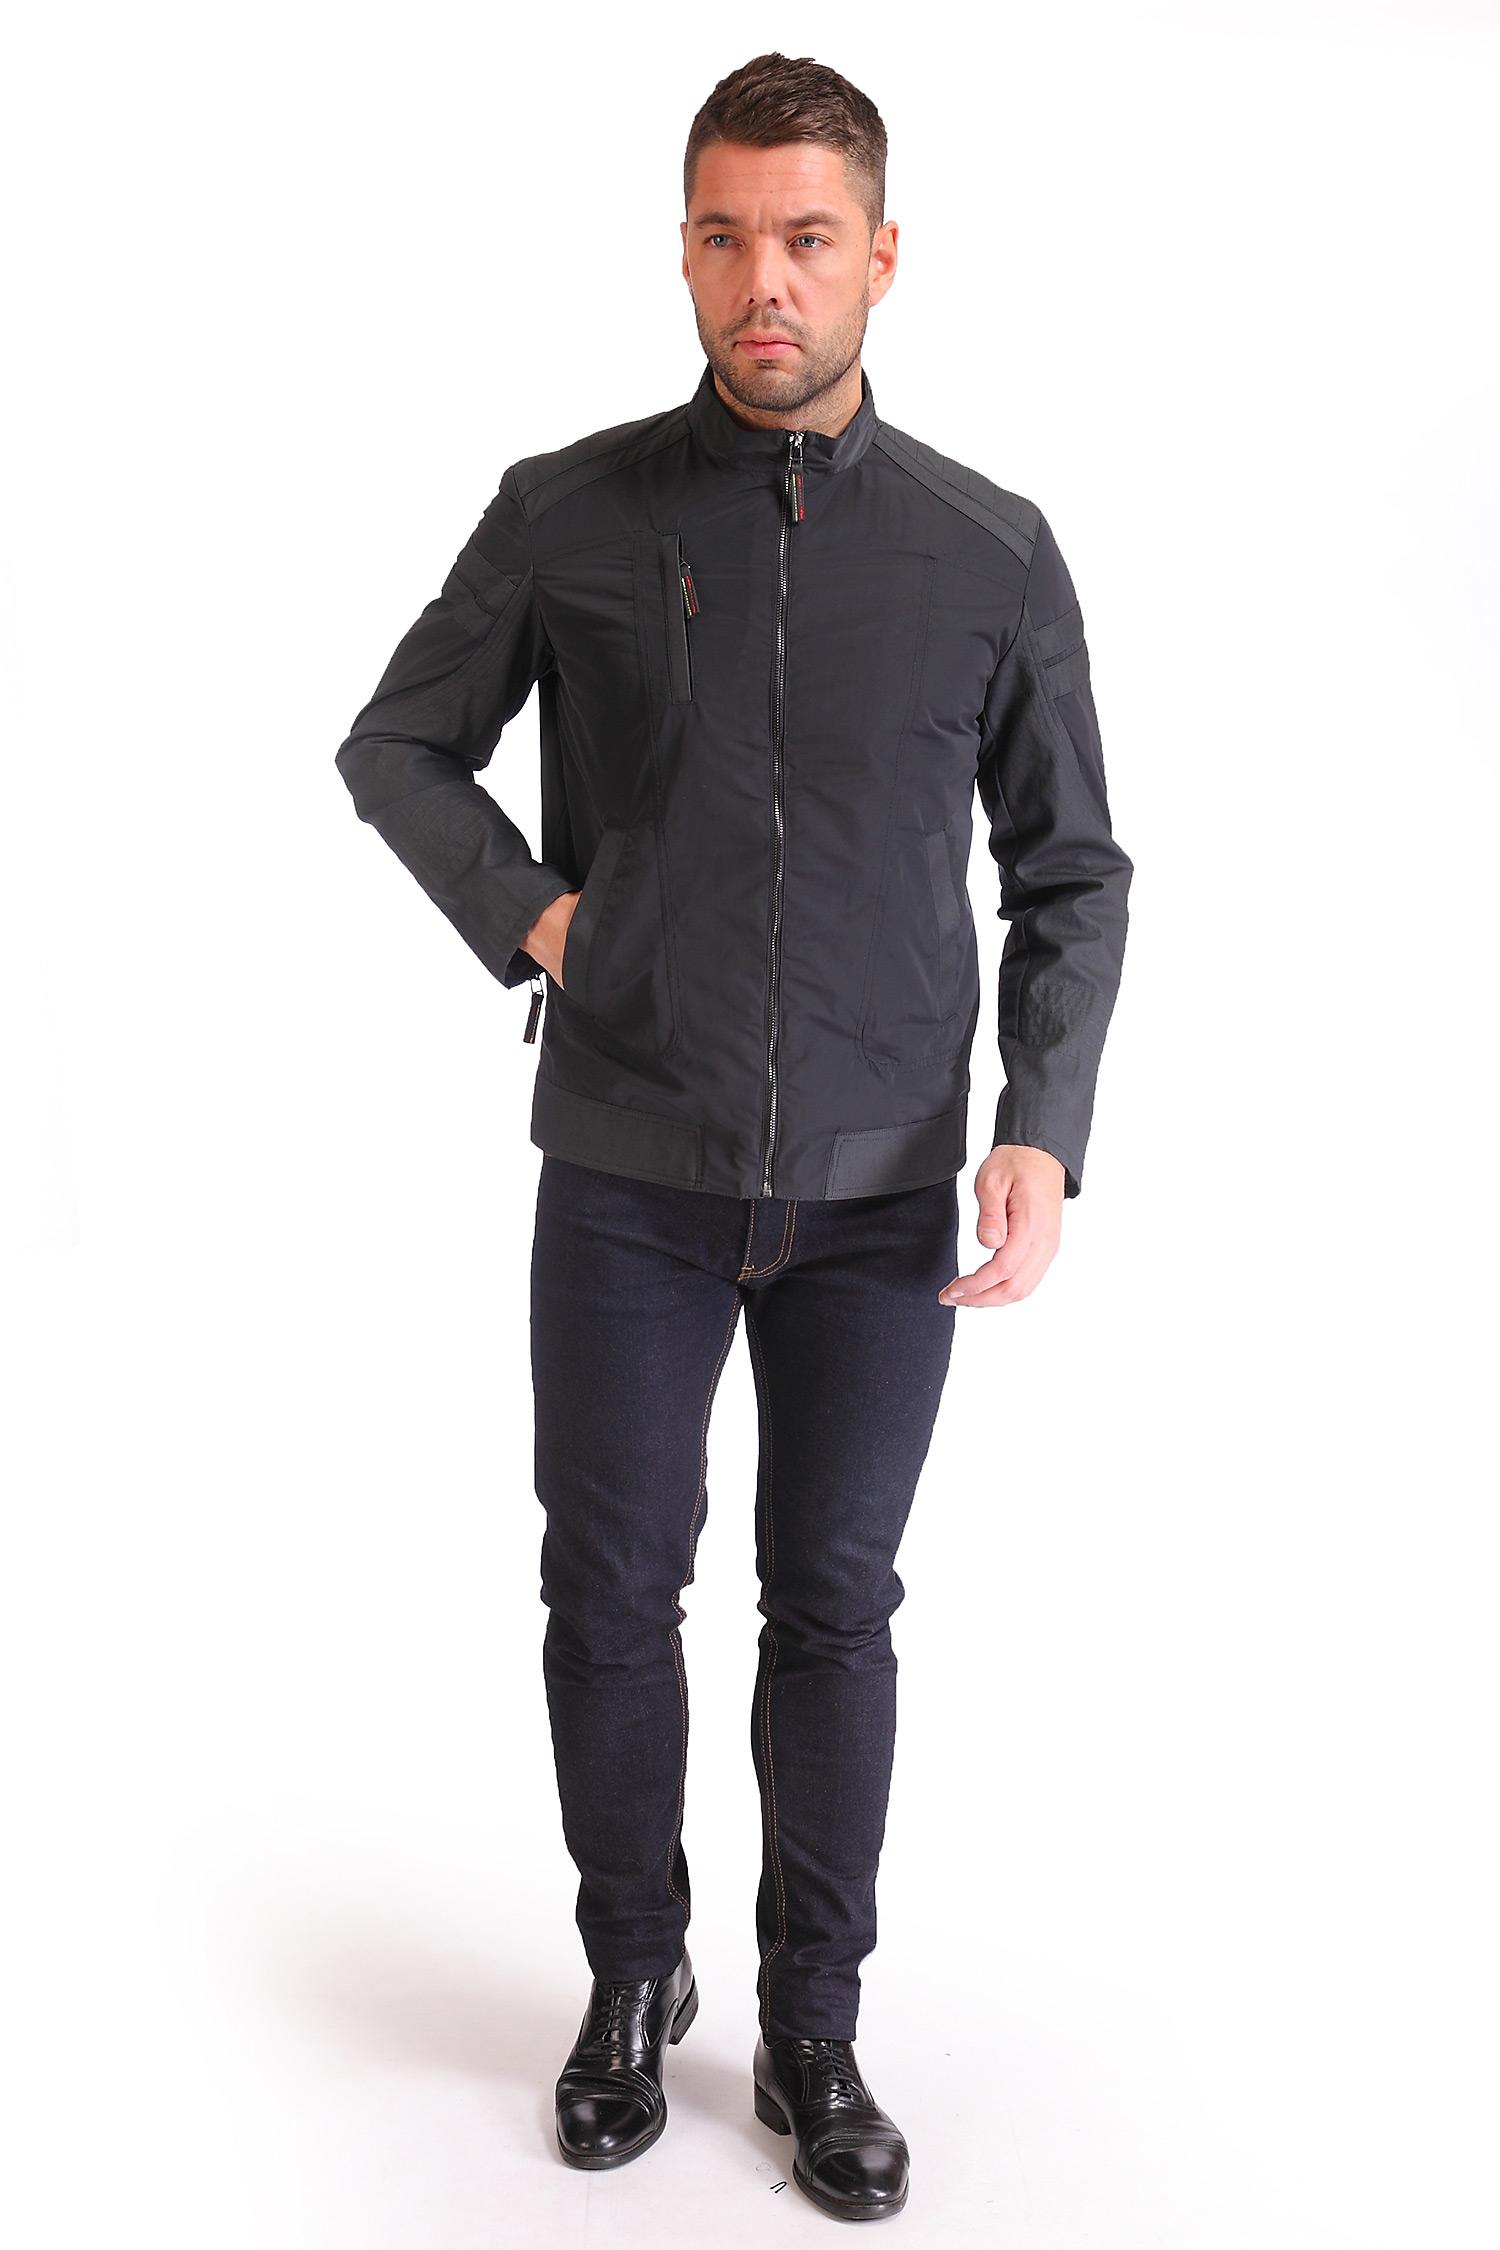 Фото 7 - Мужская куртка из текстиля с воротником от МОСМЕХА черного цвета